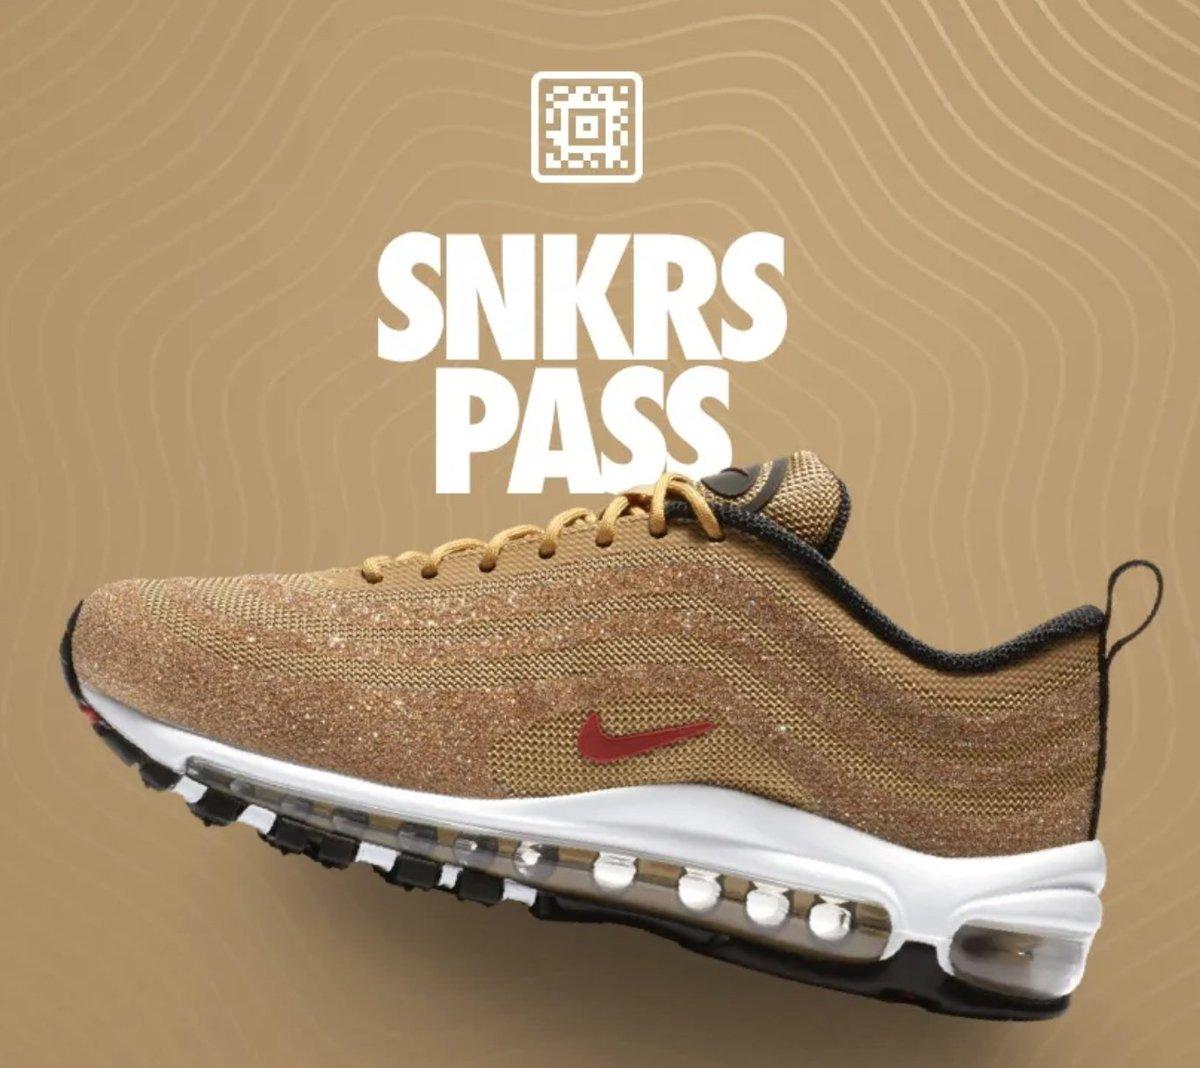 sports shoes 42bfa b79d8 15 replies 9 retweets 40 likes